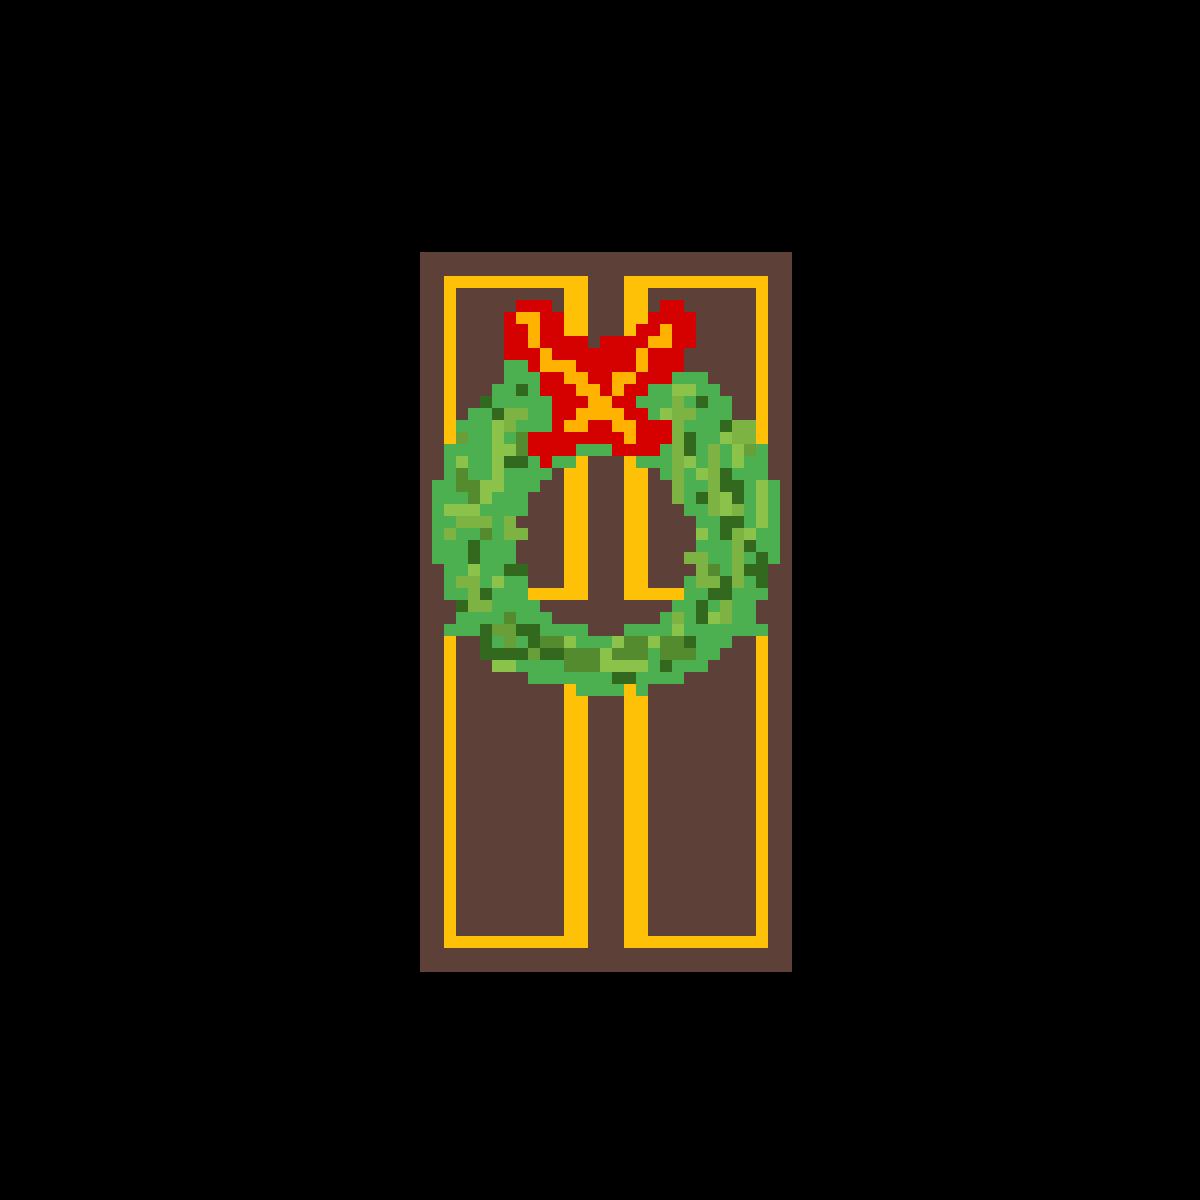 wreath on door by sedge123